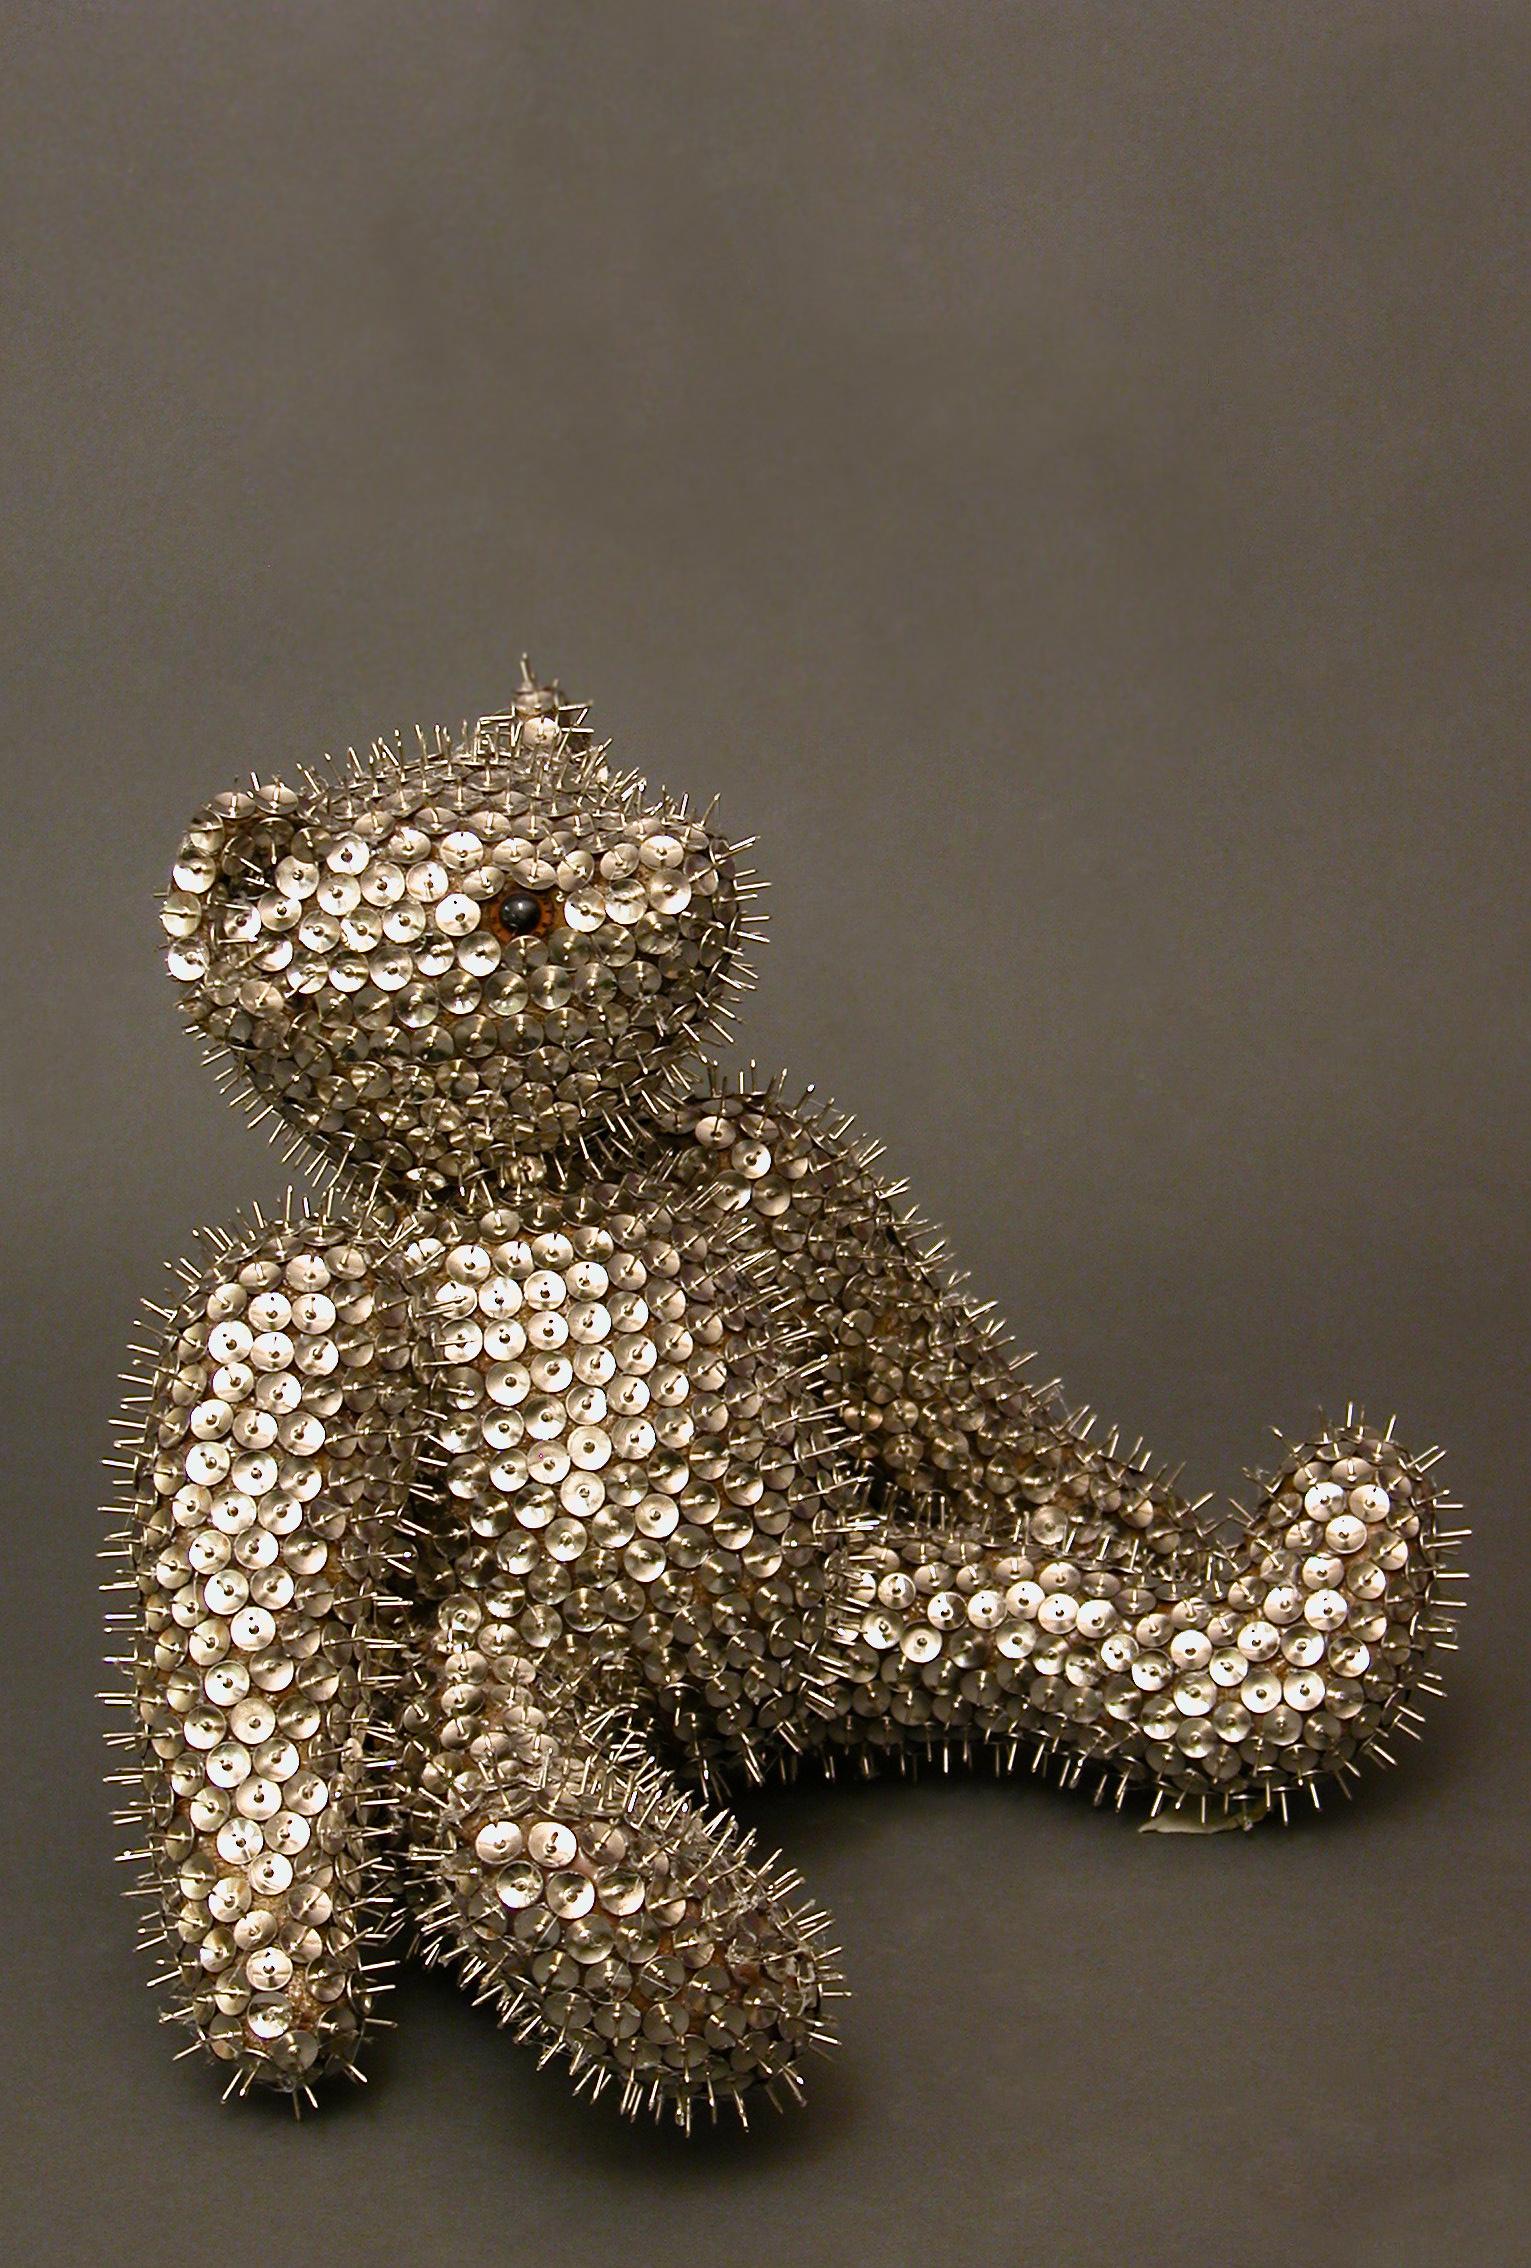 6. Spikey Teddy Bear